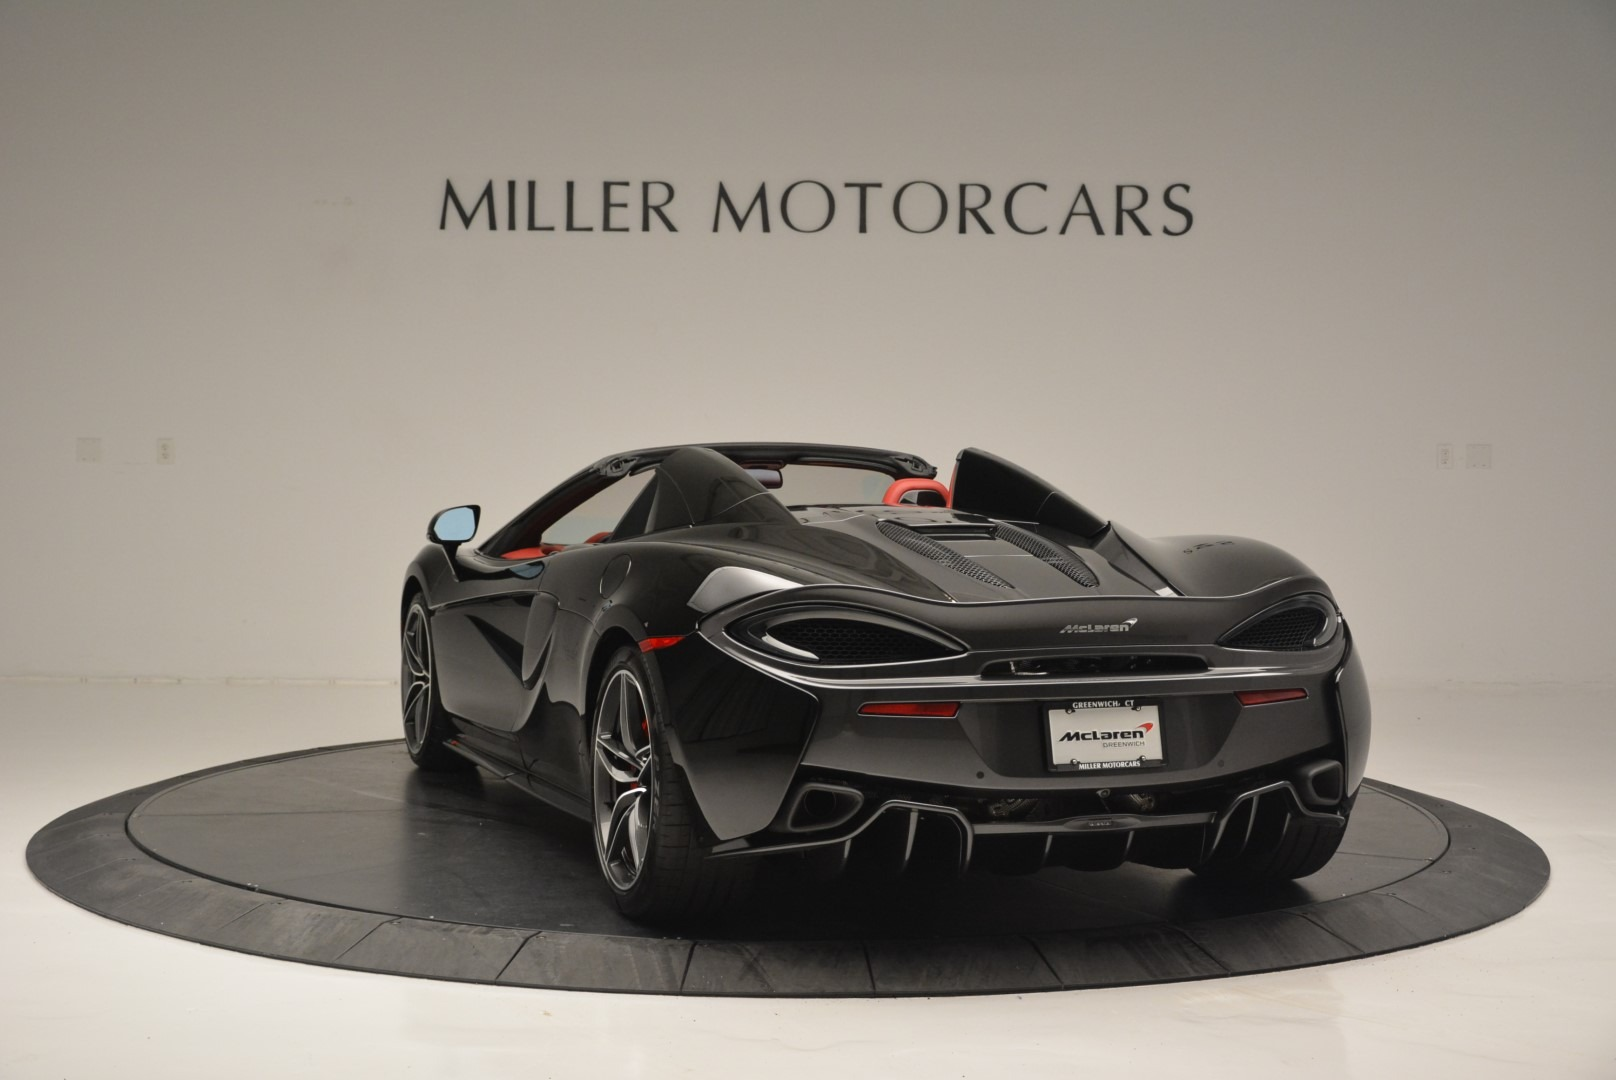 New 2019 McLaren 570S Spider Convertible For Sale In Westport, CT 2522_p5